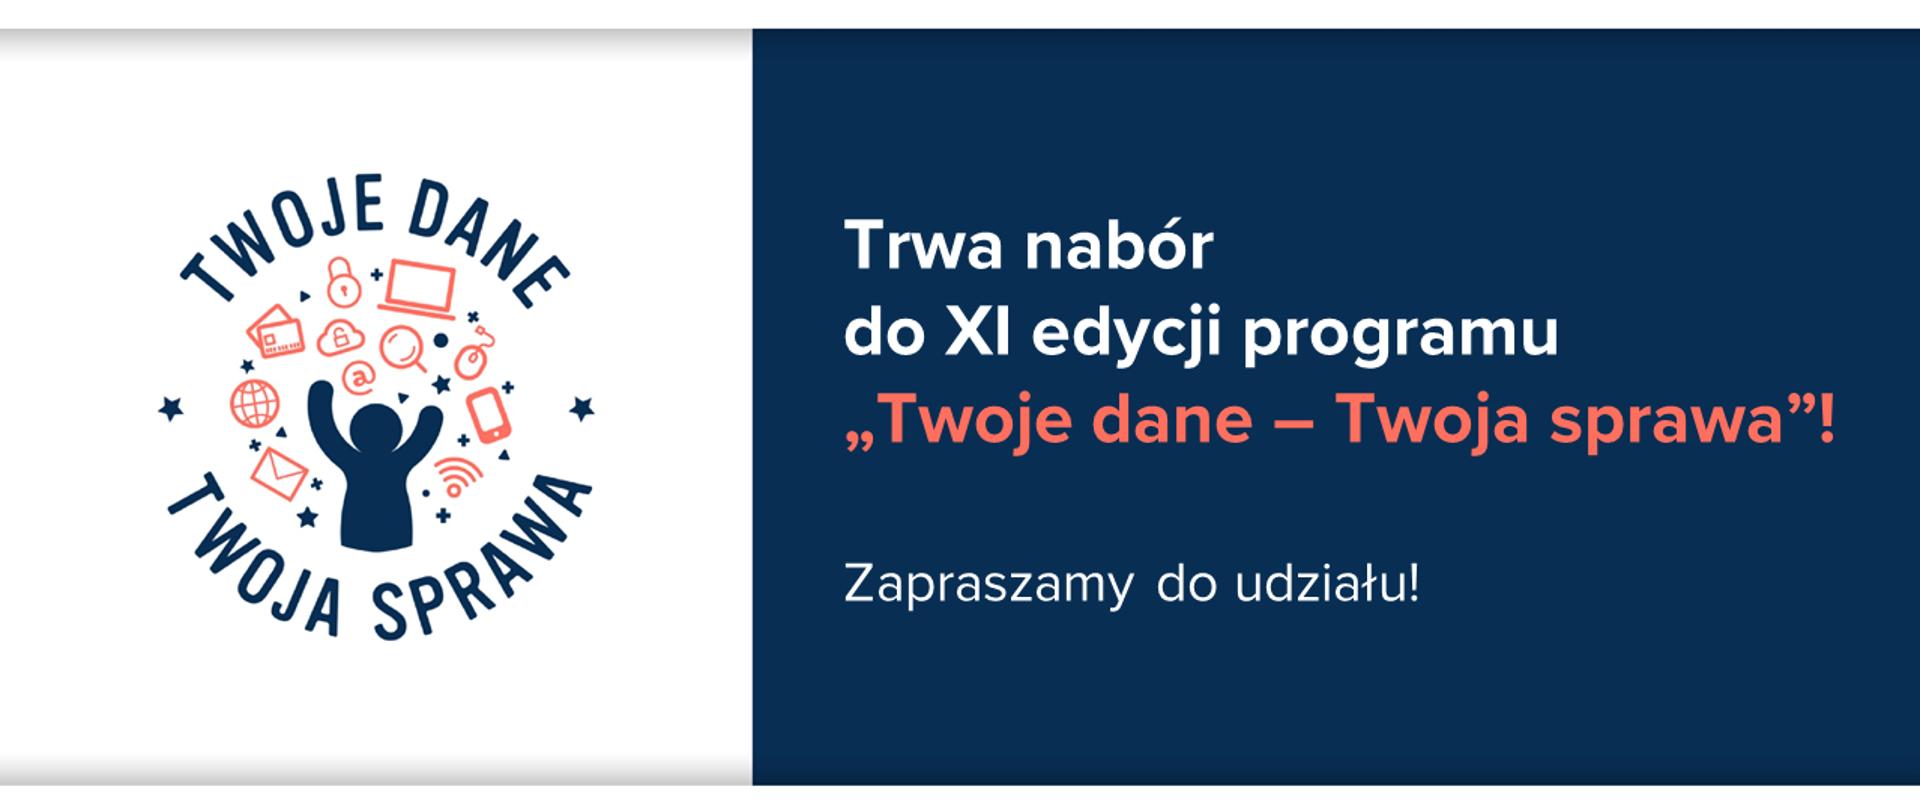 """Biało-niebieska grafika z logo programu """"Twoje dane – Twoja sprawa"""". Obok tekst: """"Trwa nabór do XI edycji programu """"Twoje dane – Twoja sprawa""""! Zapraszamy do udziału!"""""""